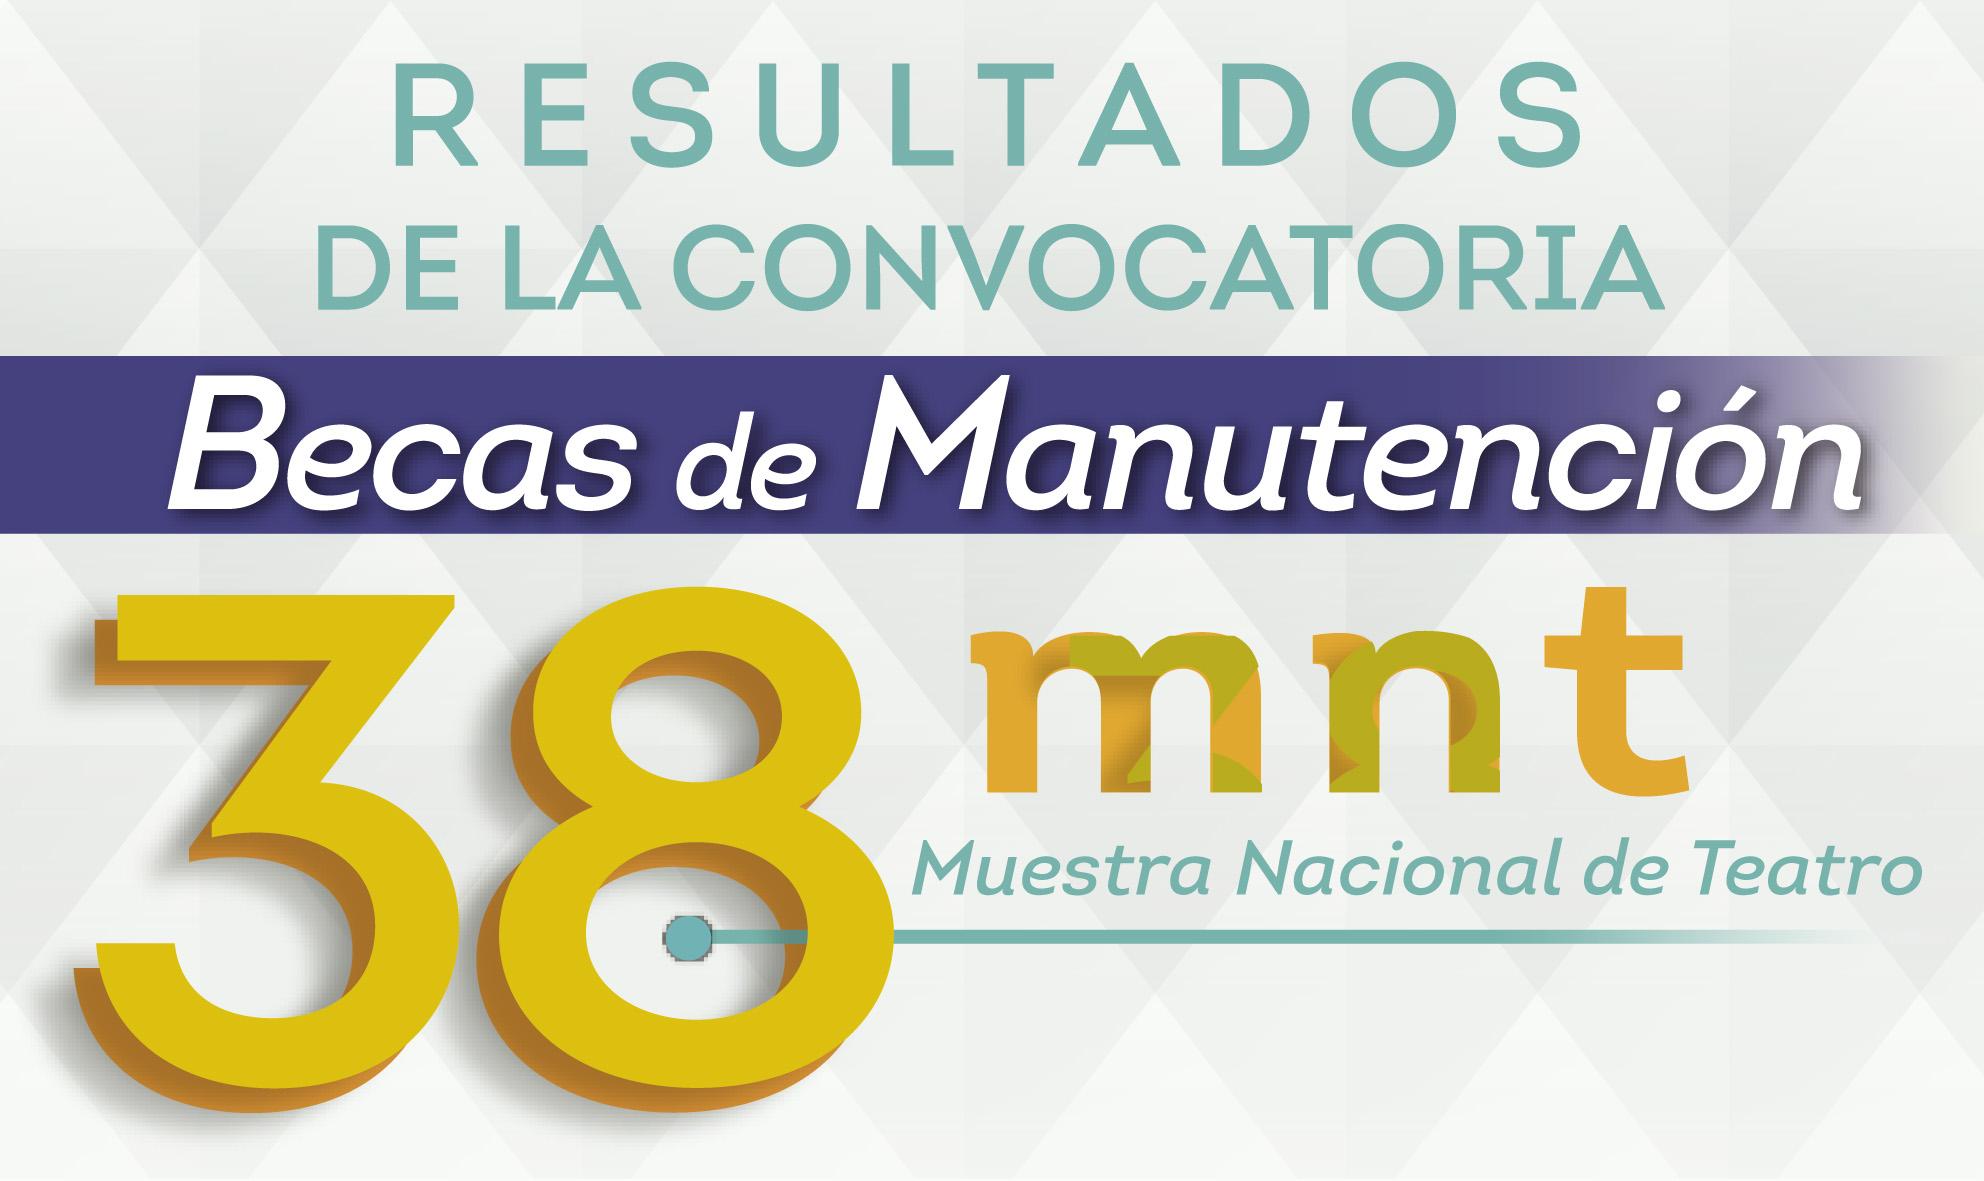 resultados16p8x10 Becas de Manutención38